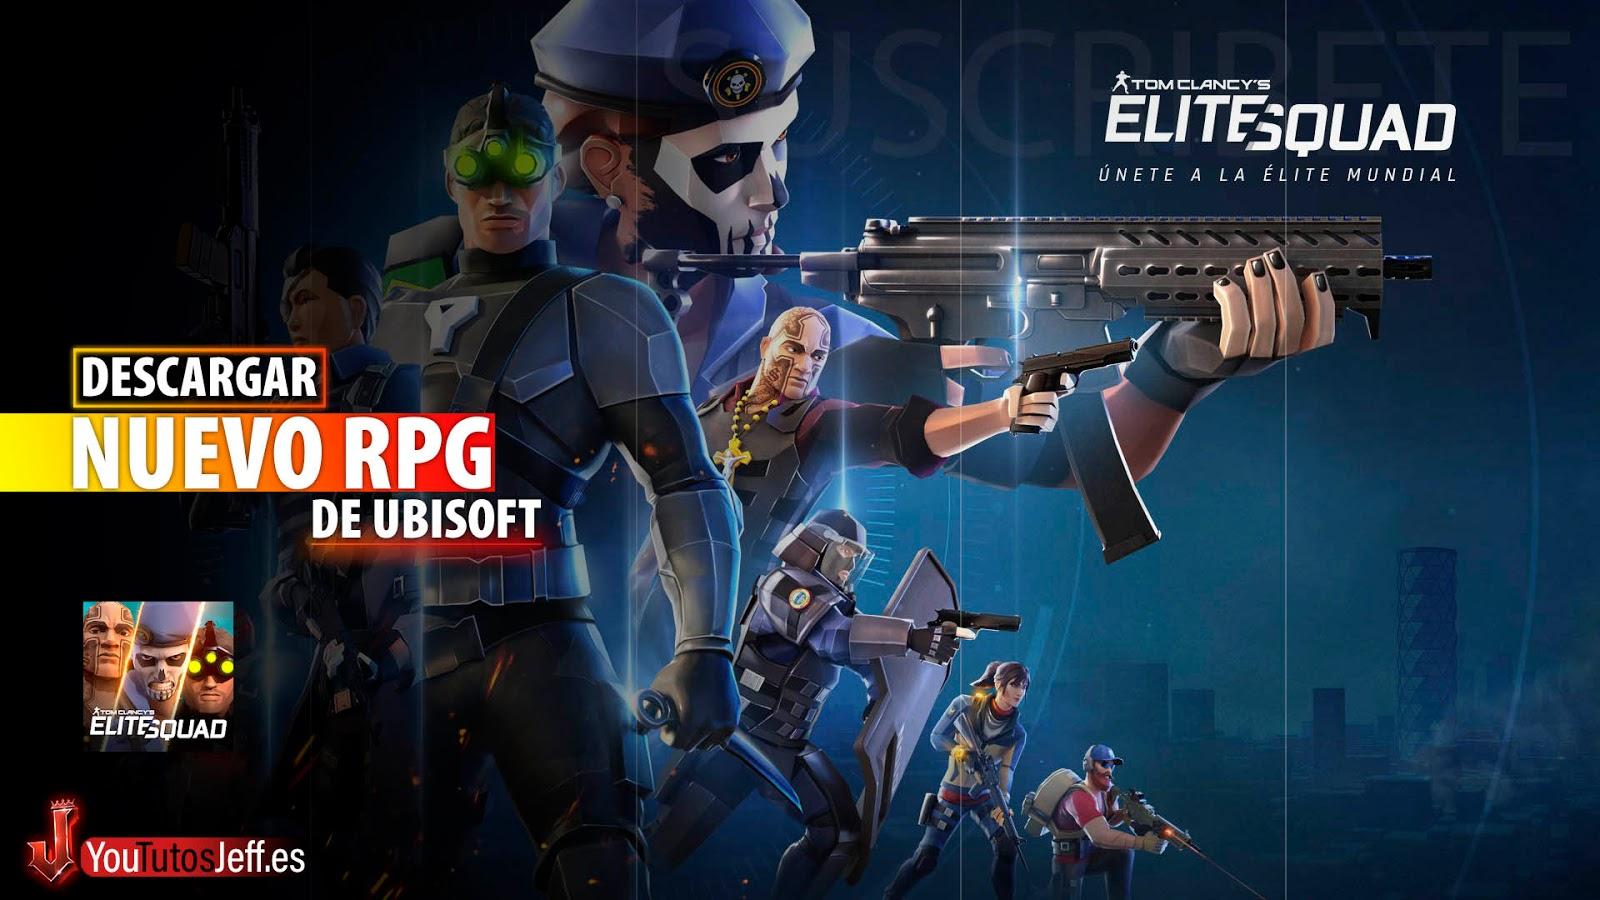 NUEVO RPG de Ubisoft, Descargar Tom Clancy's Elite Squad Android o iOS